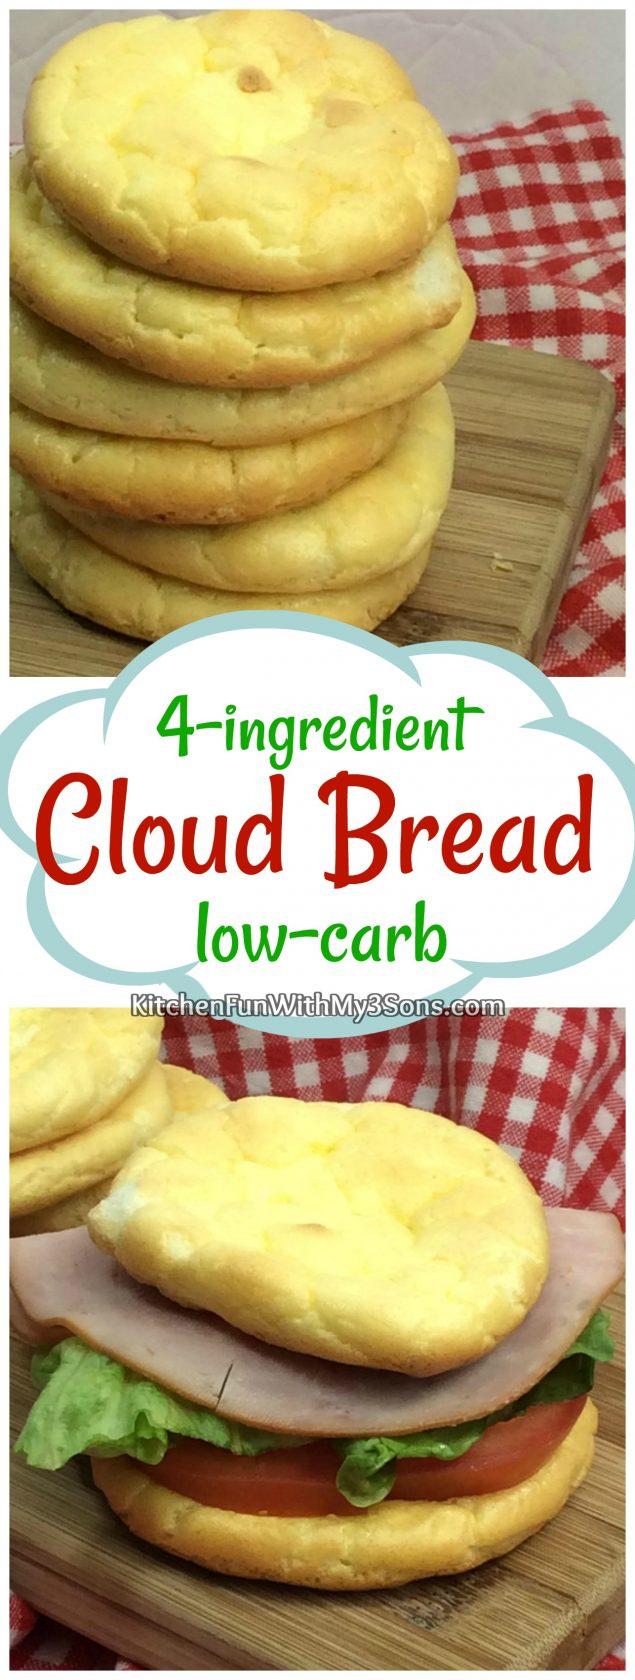 4-ingredient Low-Carb Cloud Bread